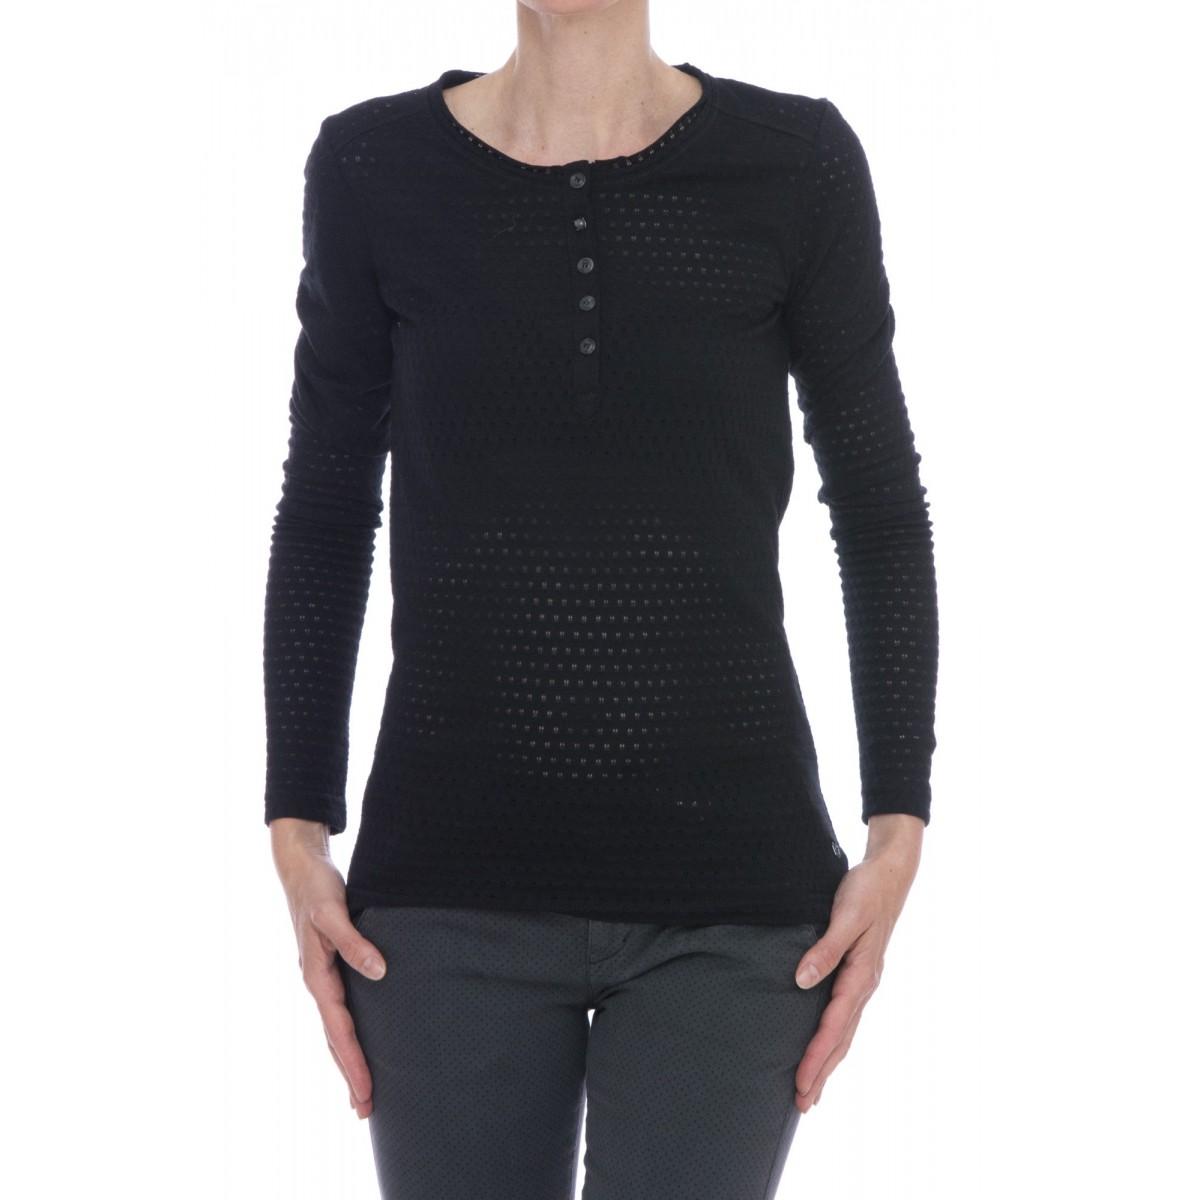 T-shirt 40 weft - Zilda 9207 serafino